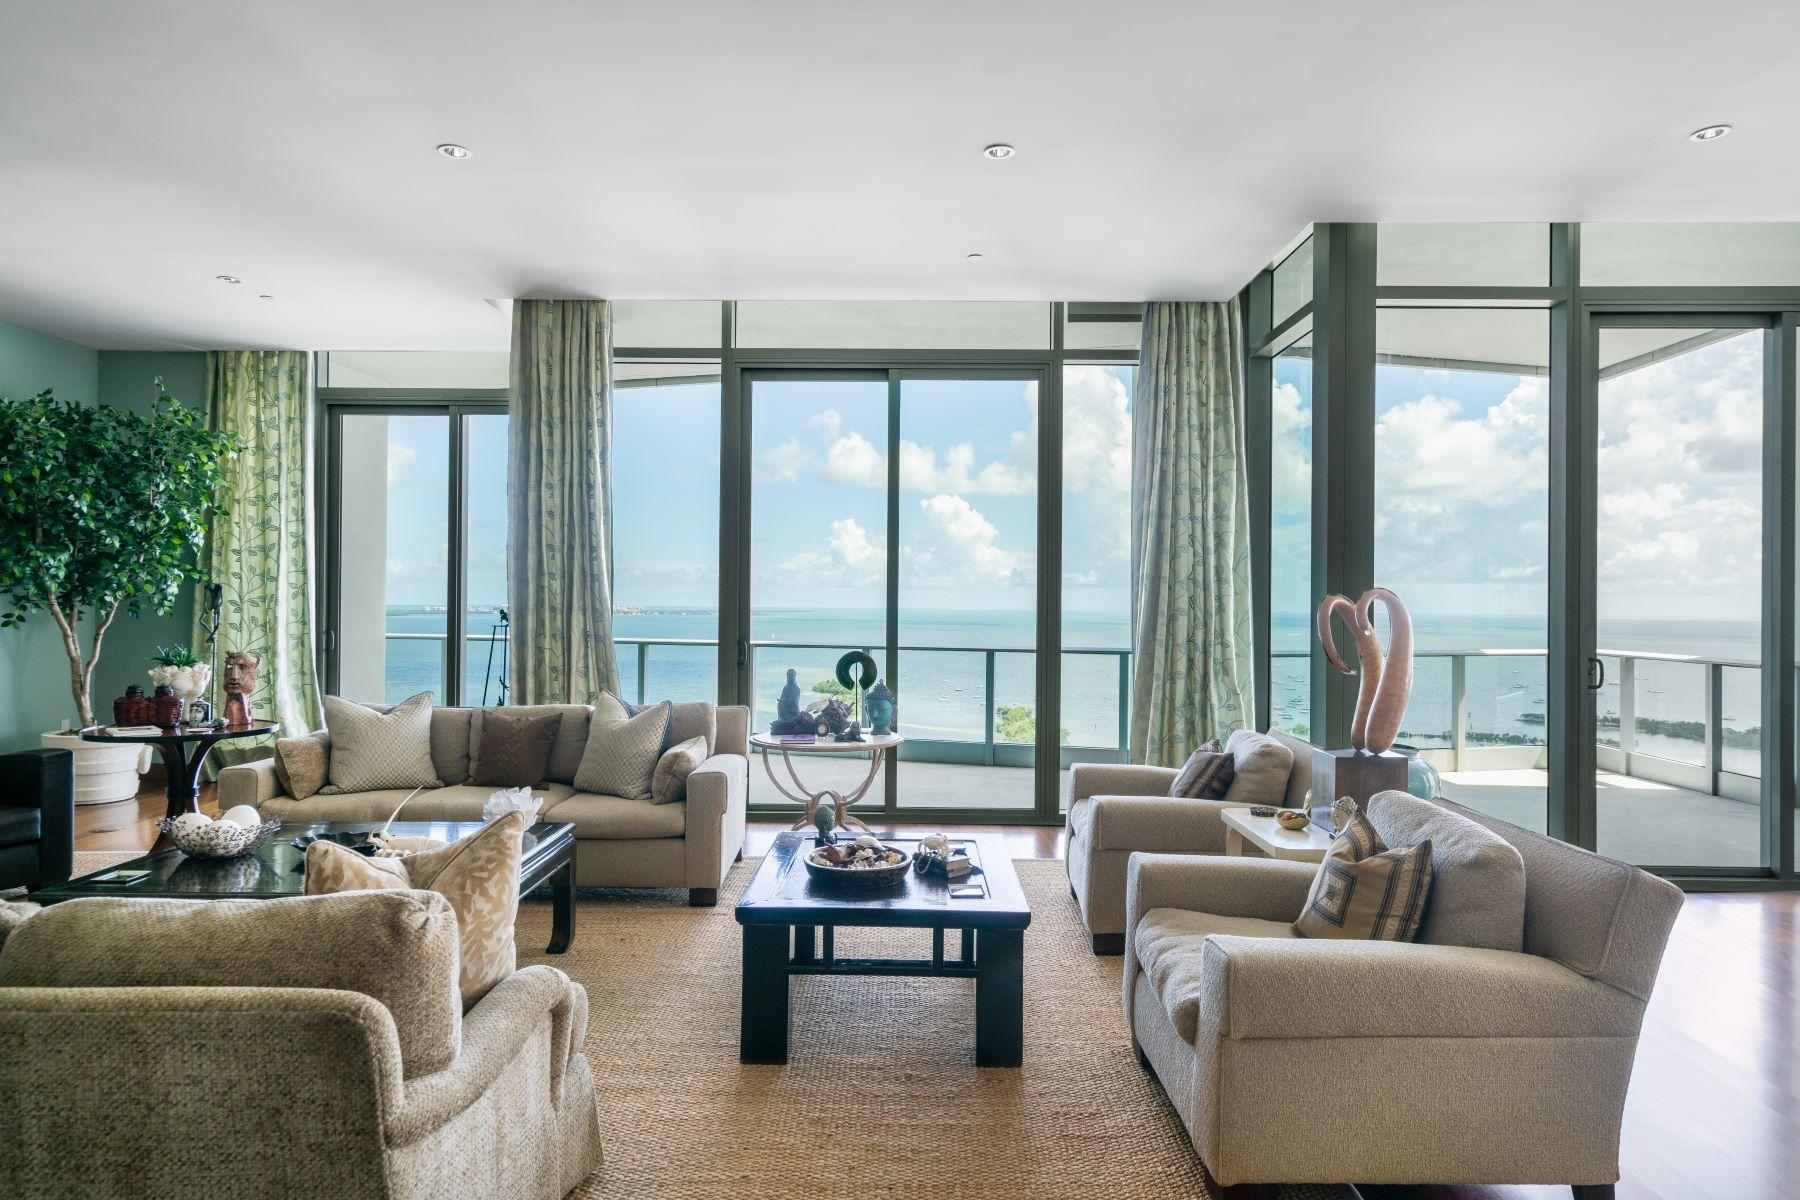 Appartement voor Verkoop op 2627 S Bayshore Dr 2627 S Bayshore Dr 3202 Miami, Florida 33133 Verenigde Staten